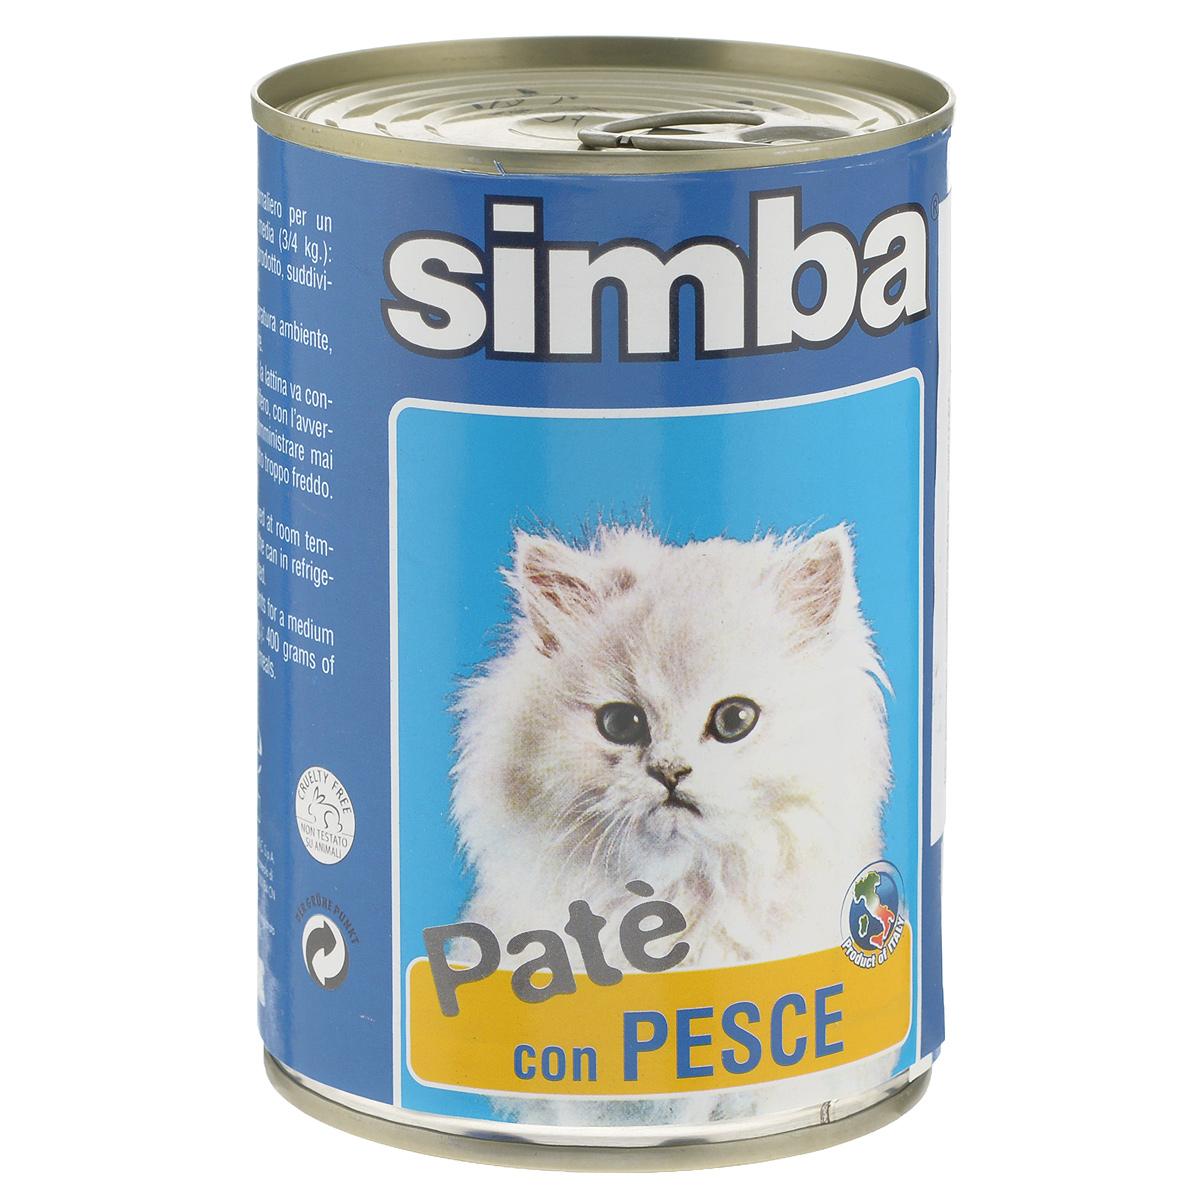 Консервы для кошек Monge Simba, паштет с рыбой, 400 г70009768Консервы для кошек Monge Simba - это полноценный сбалансированный корм для кошек. Паштет с рыбой. Ежедневная норма для кошки среднего размера (3-4 кг) - 400 г. Порцию можно разделить на несколько приемов. Состав: мясо и мясные субпродукты, рыба и рыбные субпродукты (тунец 6%), минеральные вещества, витамины, технологические добавки-загустители, желирующие вещества. Анализ компонентов: белок 8%, сырой жир 7,5%, сырая клетчатка 0,4%, сырая зола 2,1%, влажность 81%. Витамины и добавки на 1 кг: витамин А 1200 МЕ, витамин D3 160 МЕ, витамин Е 5 мг. Товар сертифицирован.